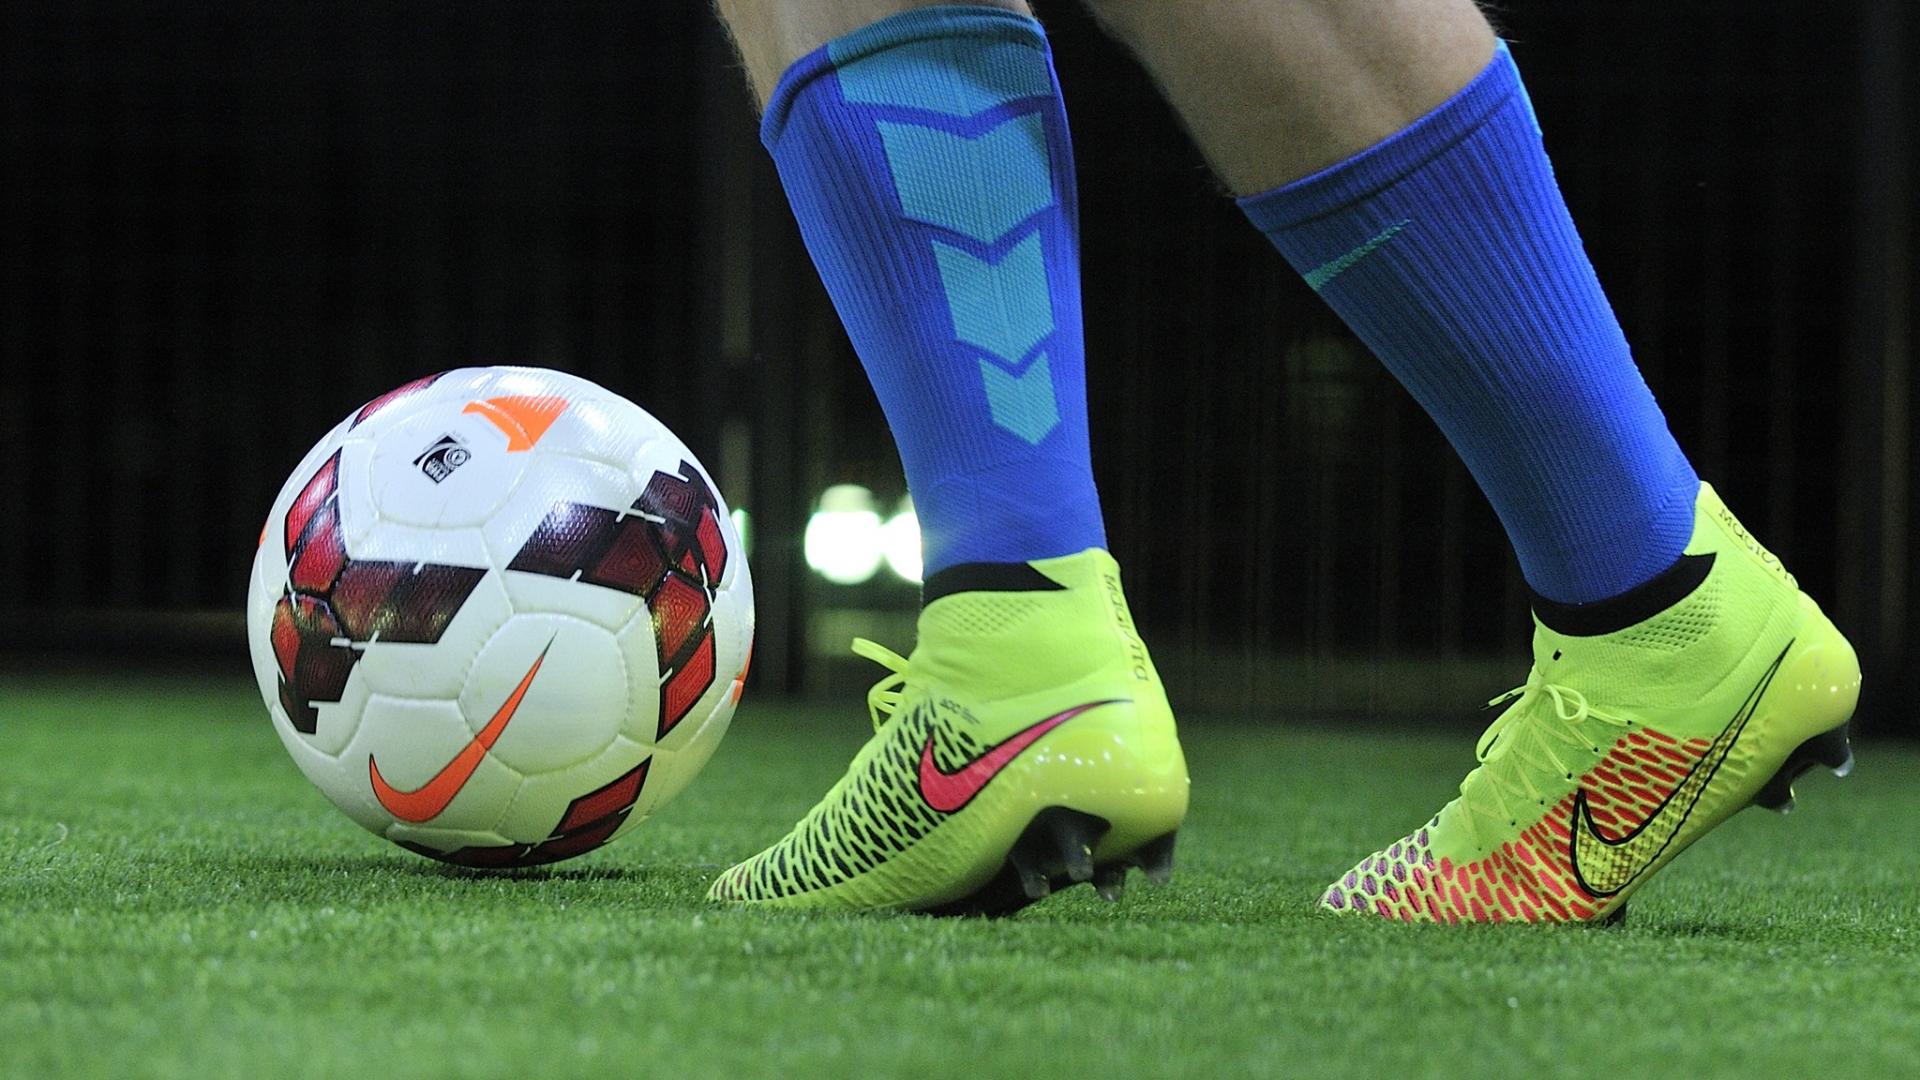 Pelotas Y Chimpunes Nike Hd 1280x768: Pelotas Y Chimpunes Nike Hd 1920x1080